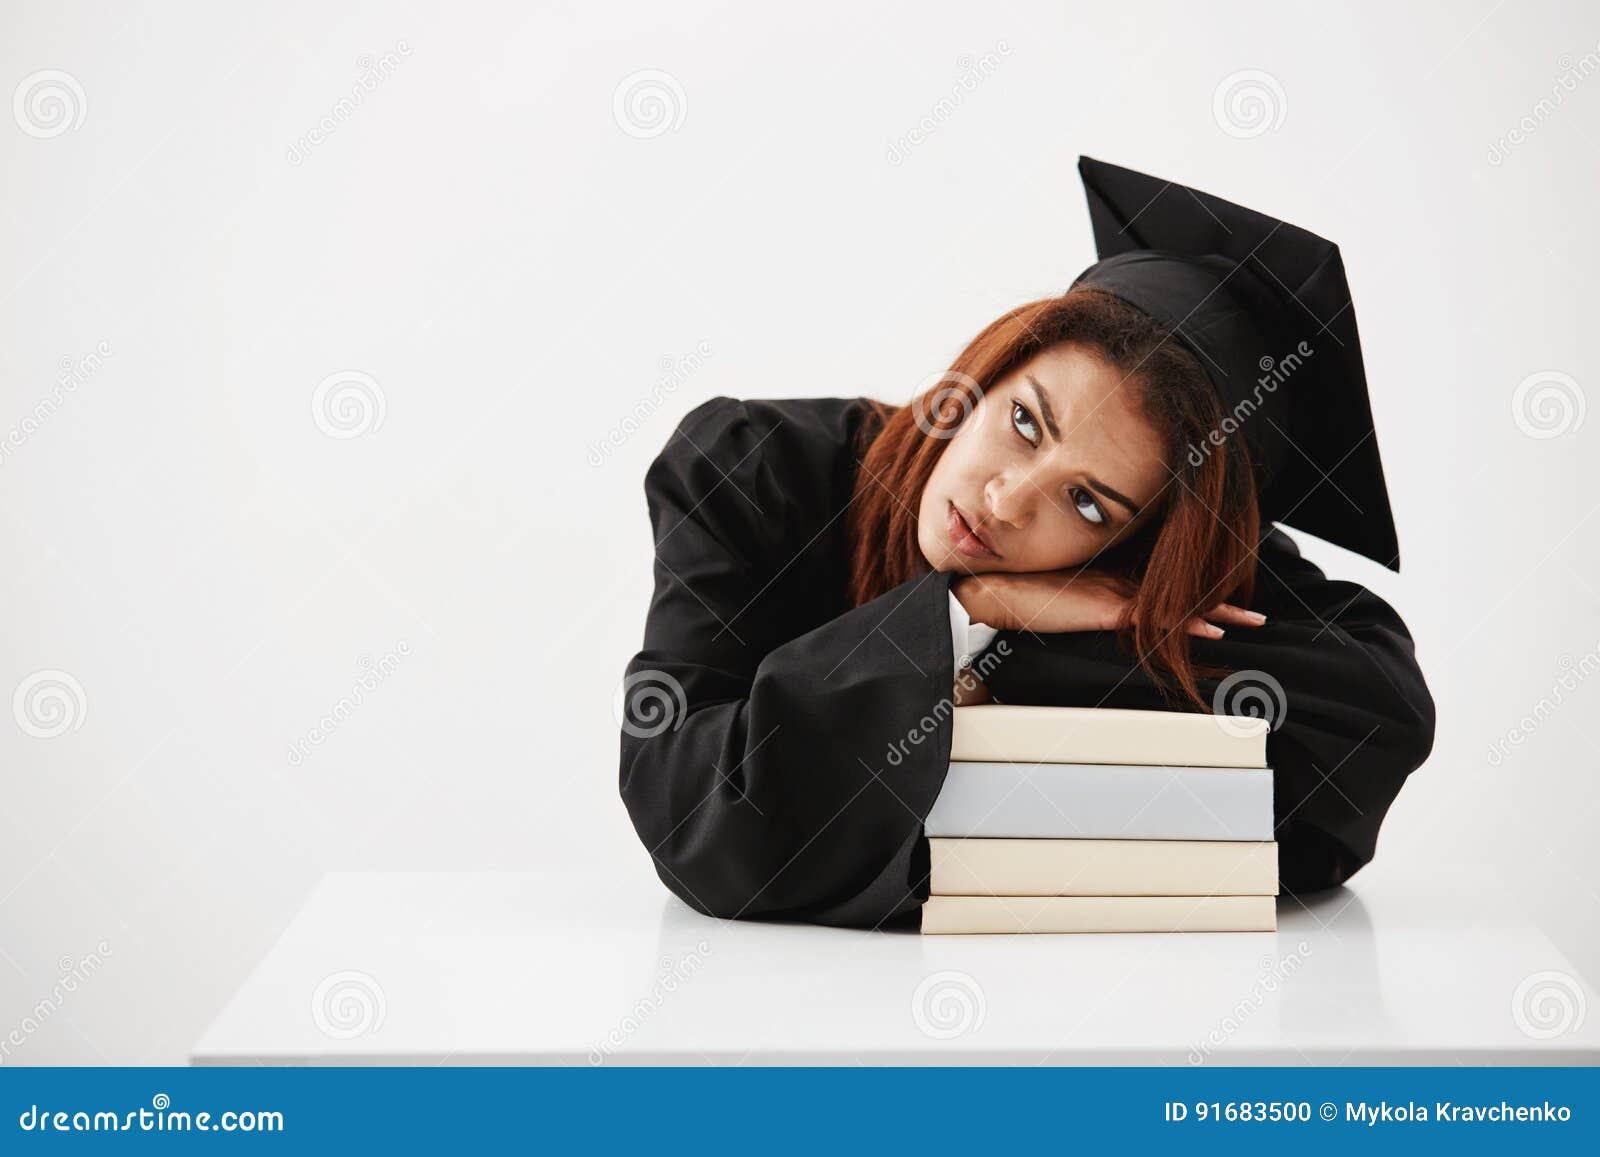 Spęczenie i męczący studiowanie afrykańska studencka dziewczyna i przyszłość absolwent kłaść na książkach myśleć o zawodzie i